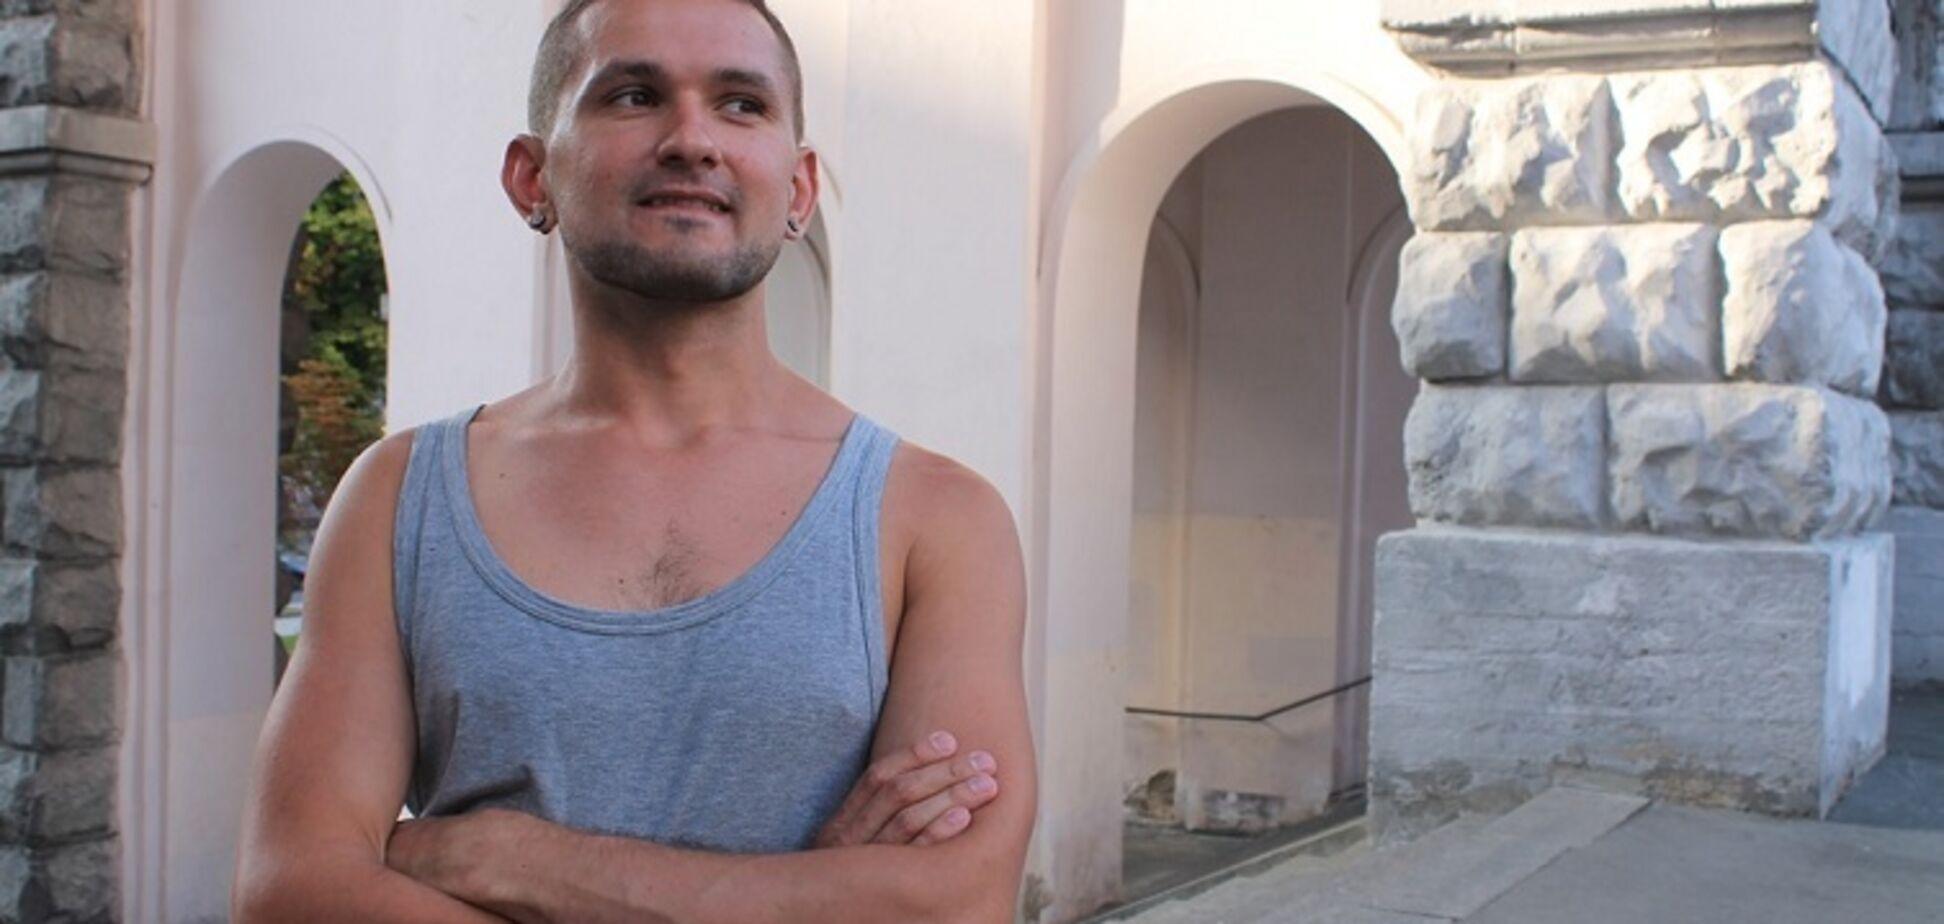 'Приходилось с проститутками': ветеран-ЛГБТ рассказал, как скрывал ориентацию в АТО